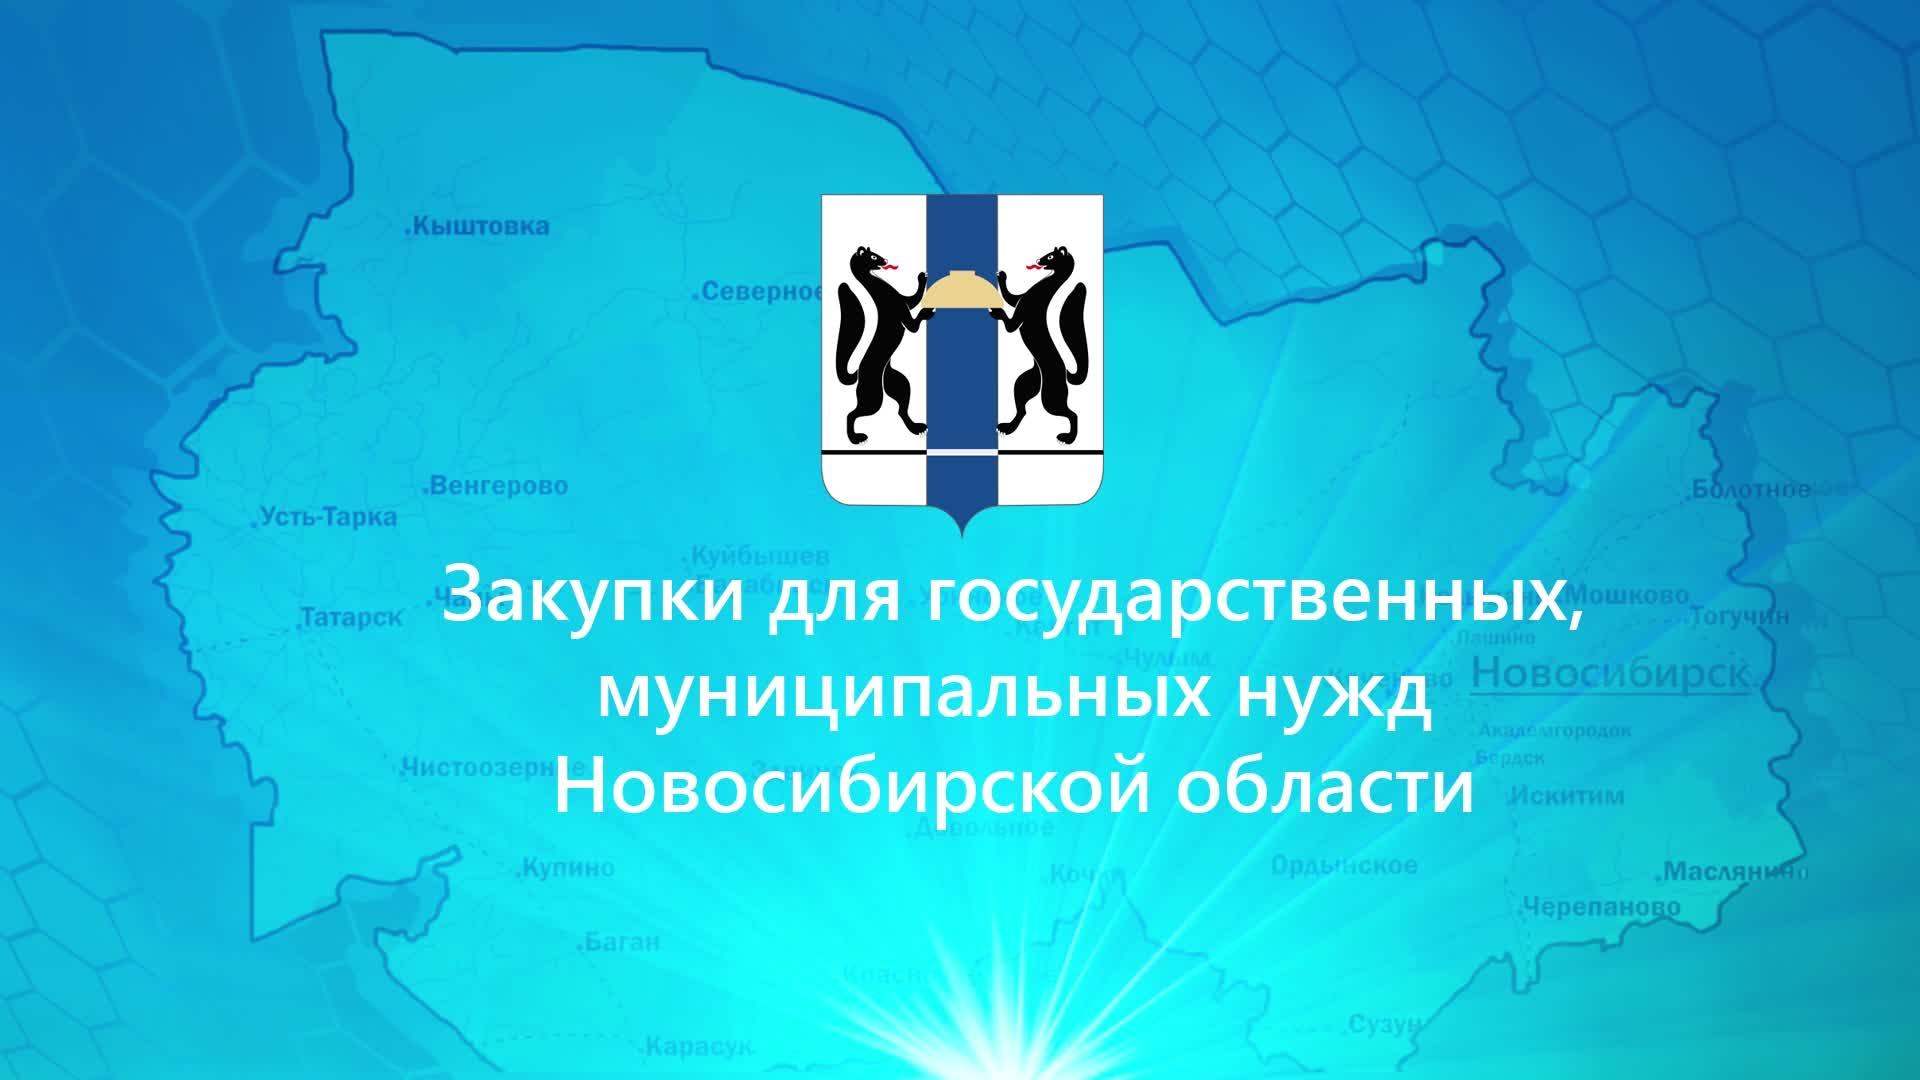 Закупки для государственных, муниципальных нужд Новосибирской